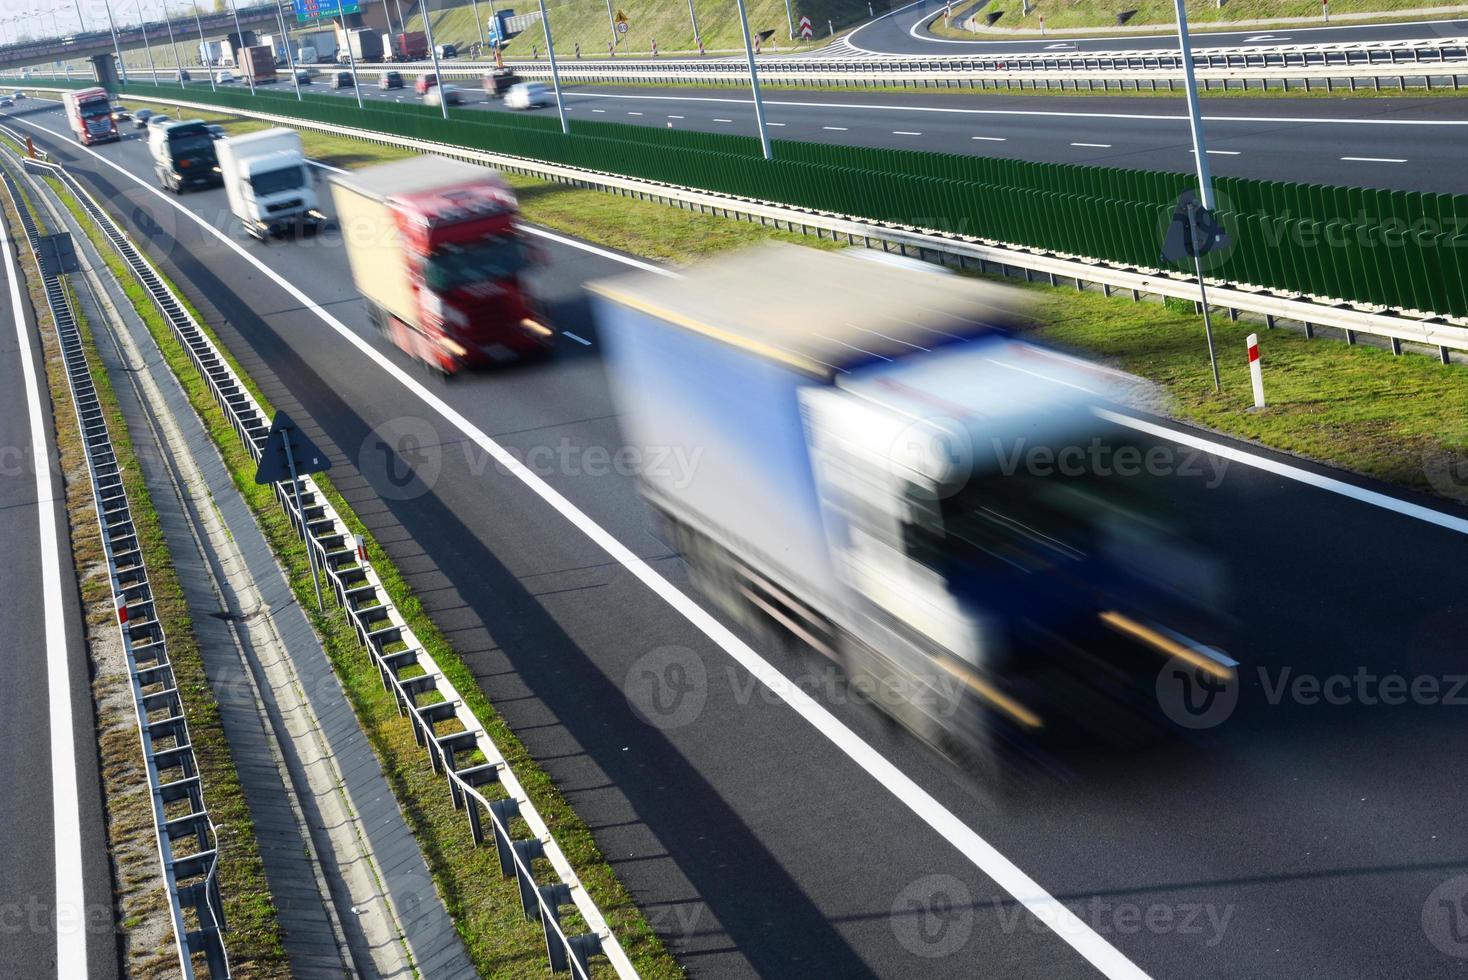 autostrada a quattro corsie ad accesso controllato in Polonia foto